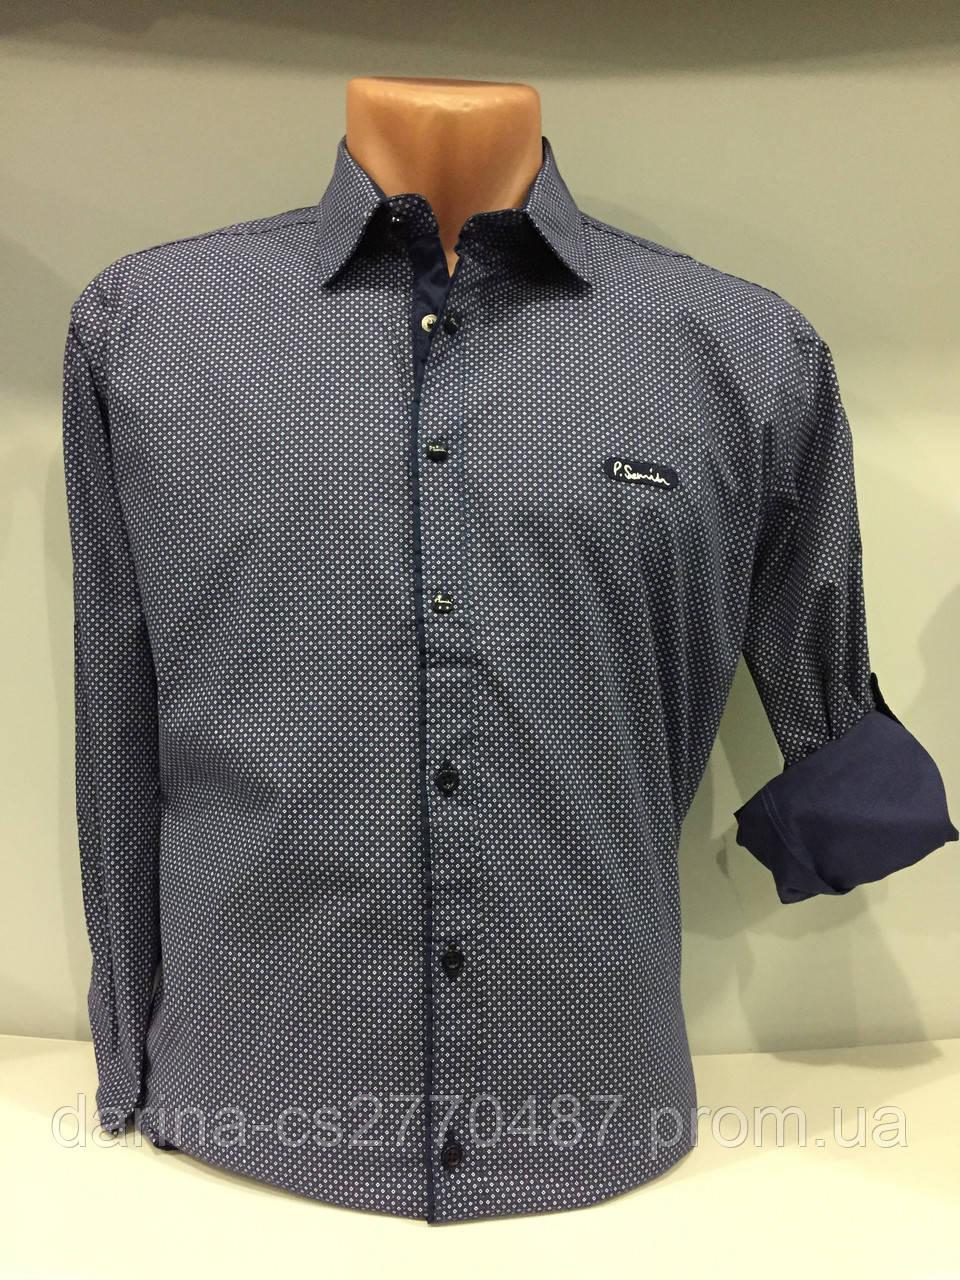 Мужская рубашка стрейч в мелкий рисунок S,XL,2XL